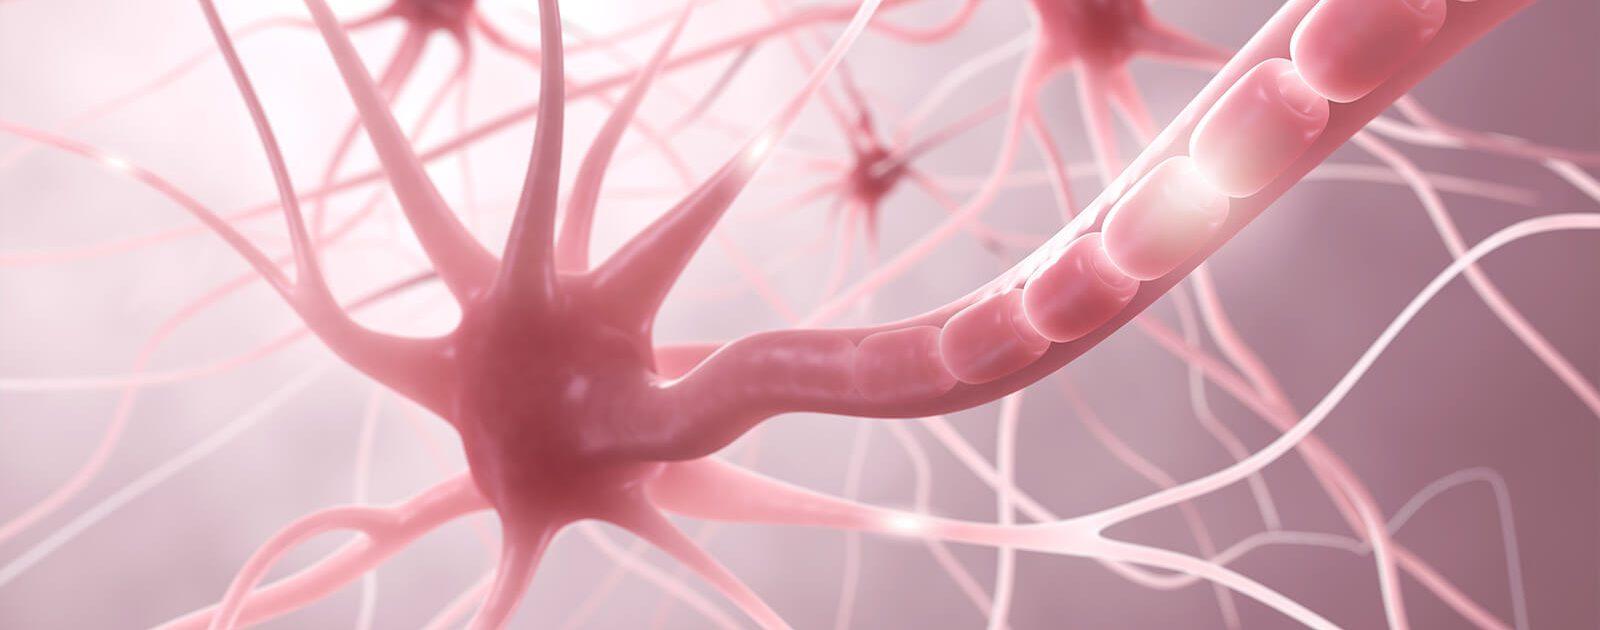 Abbildung einer Nervenzelle, die bei einer Nervenentzündung Schmerzen verursacht.